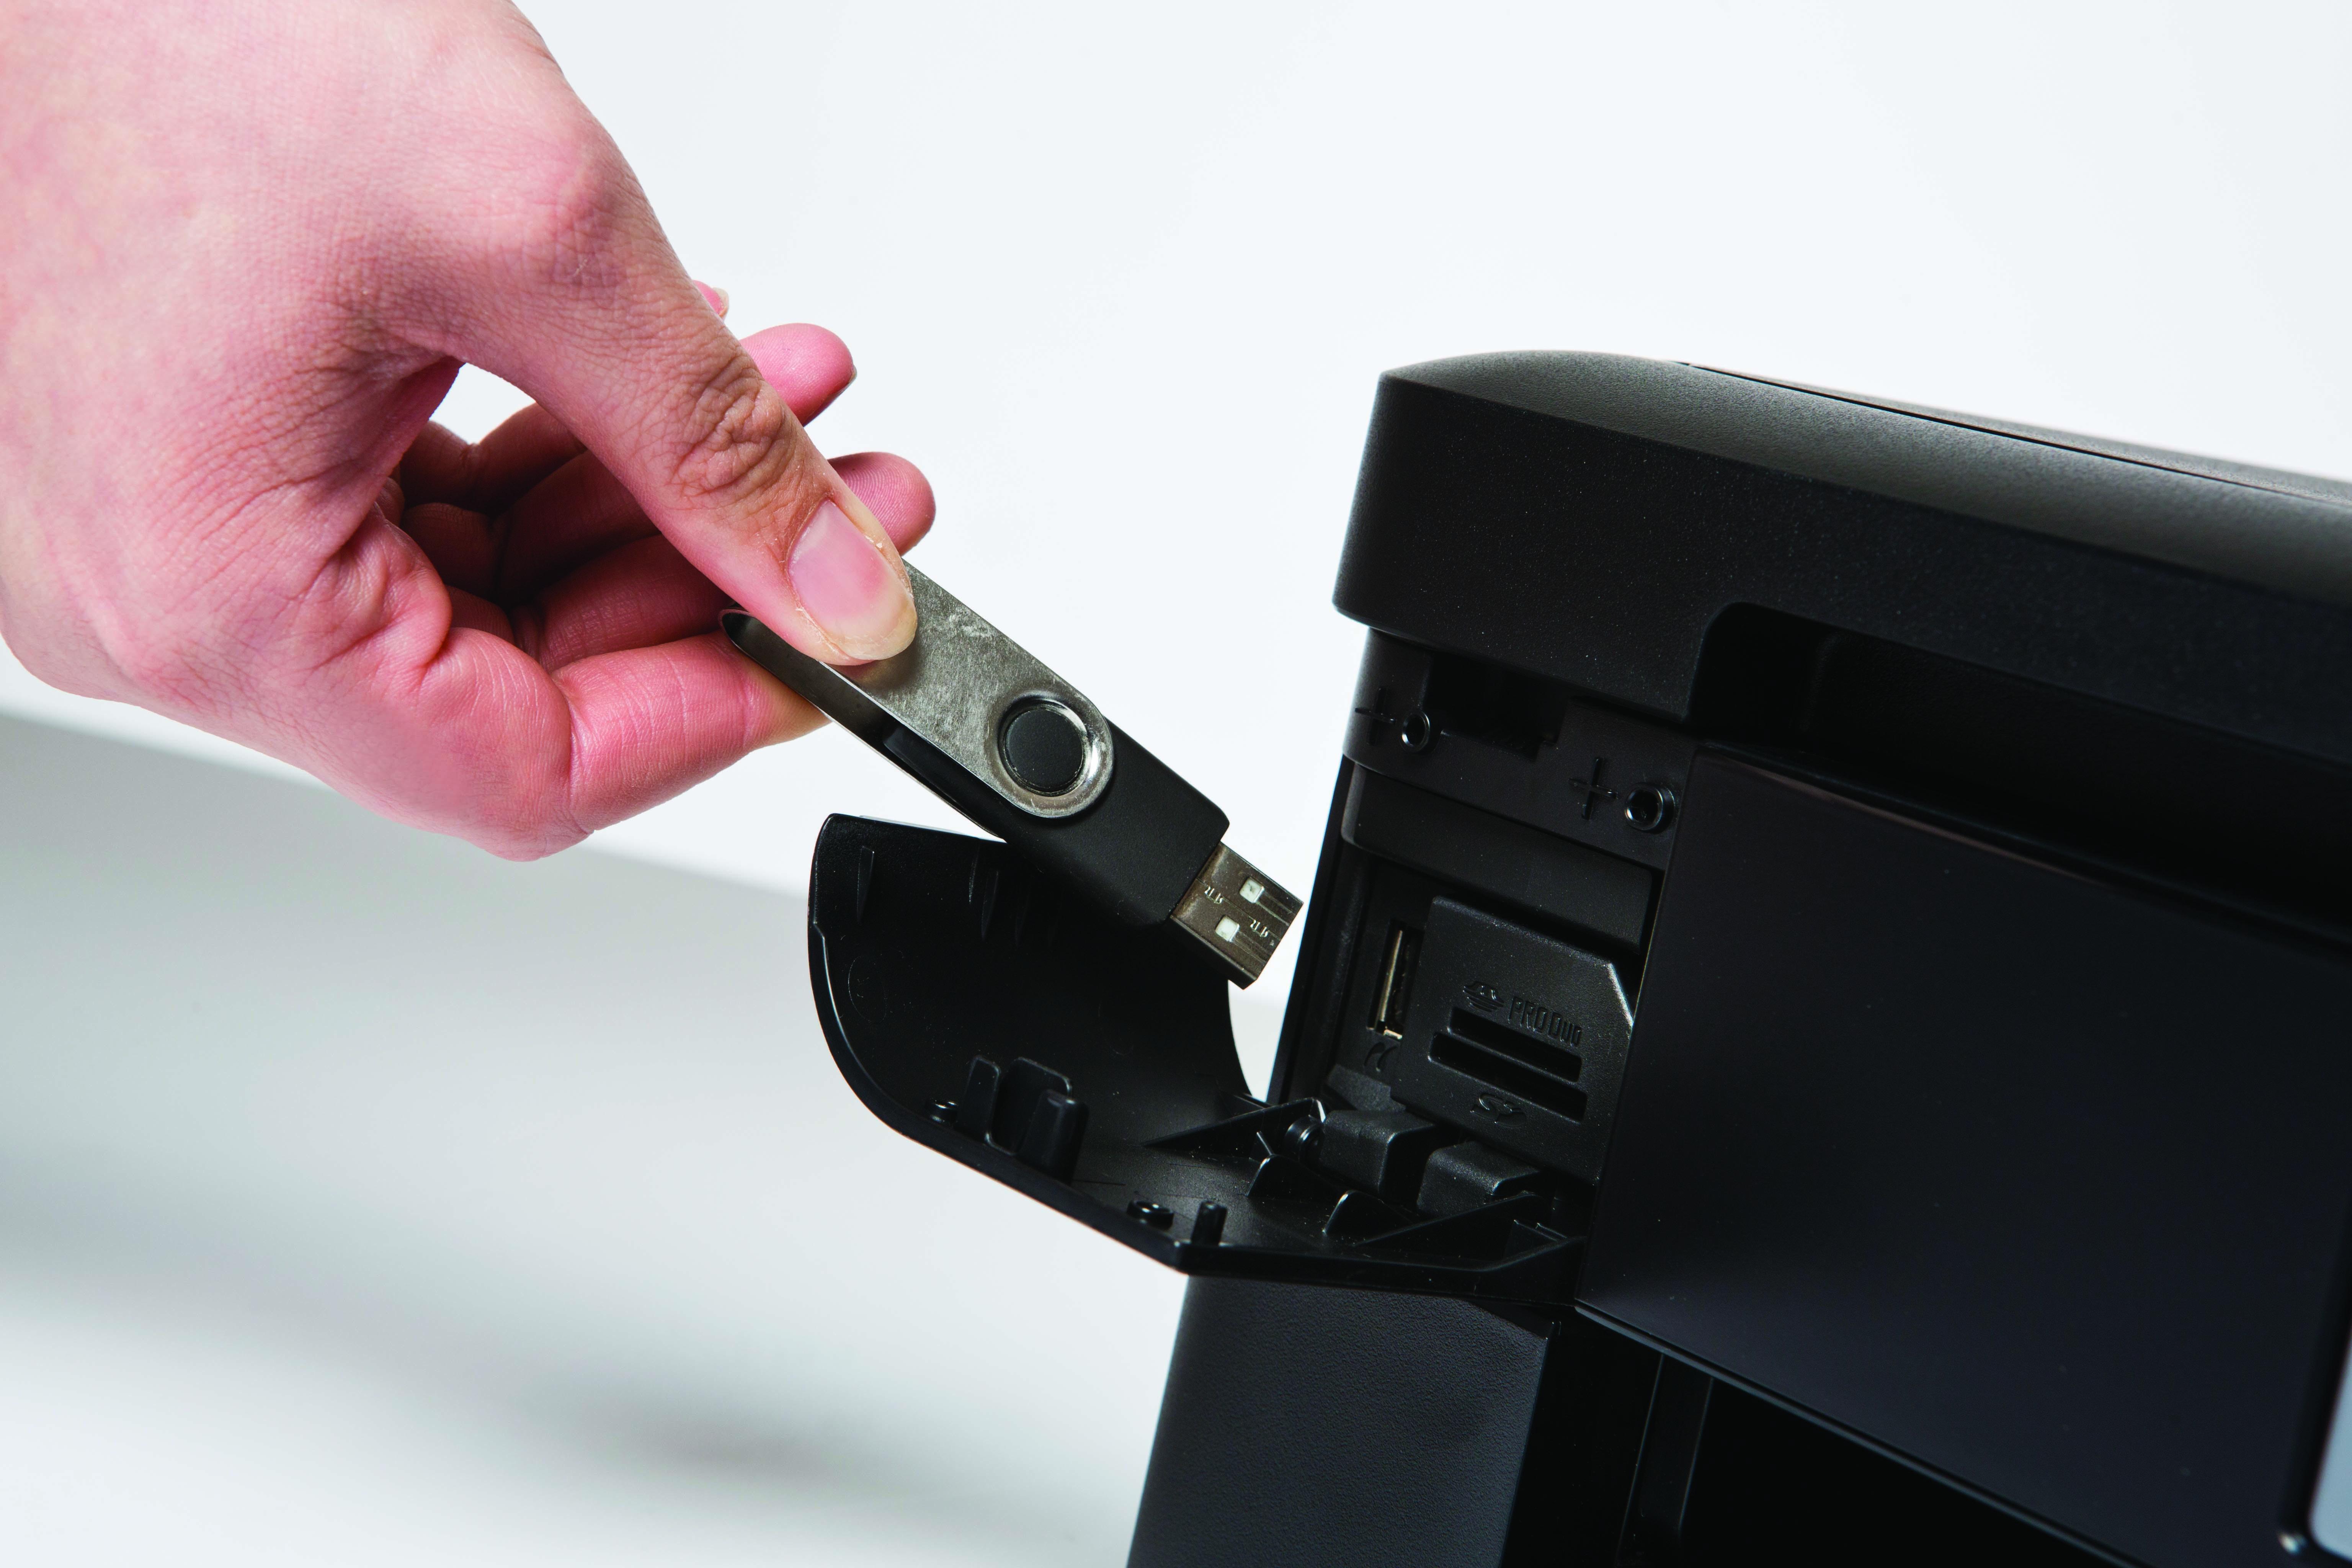 DCP-J785W USB printing